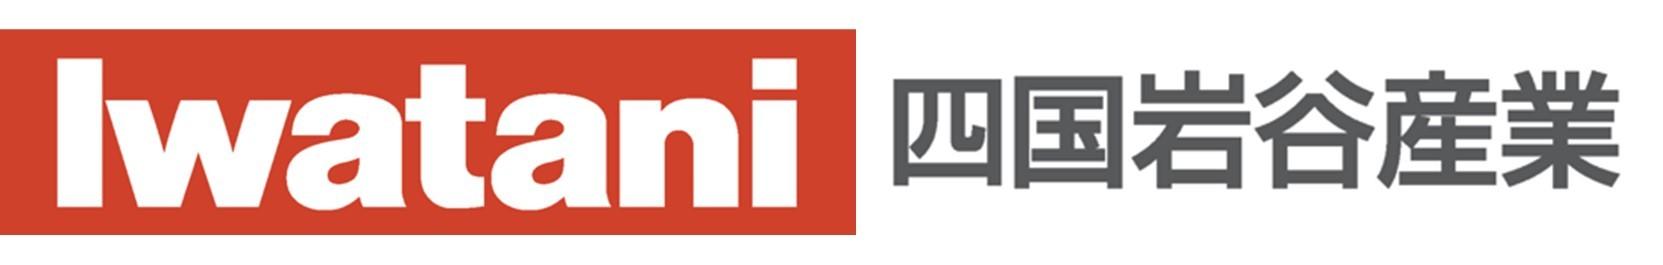 四国岩谷産業株式会社